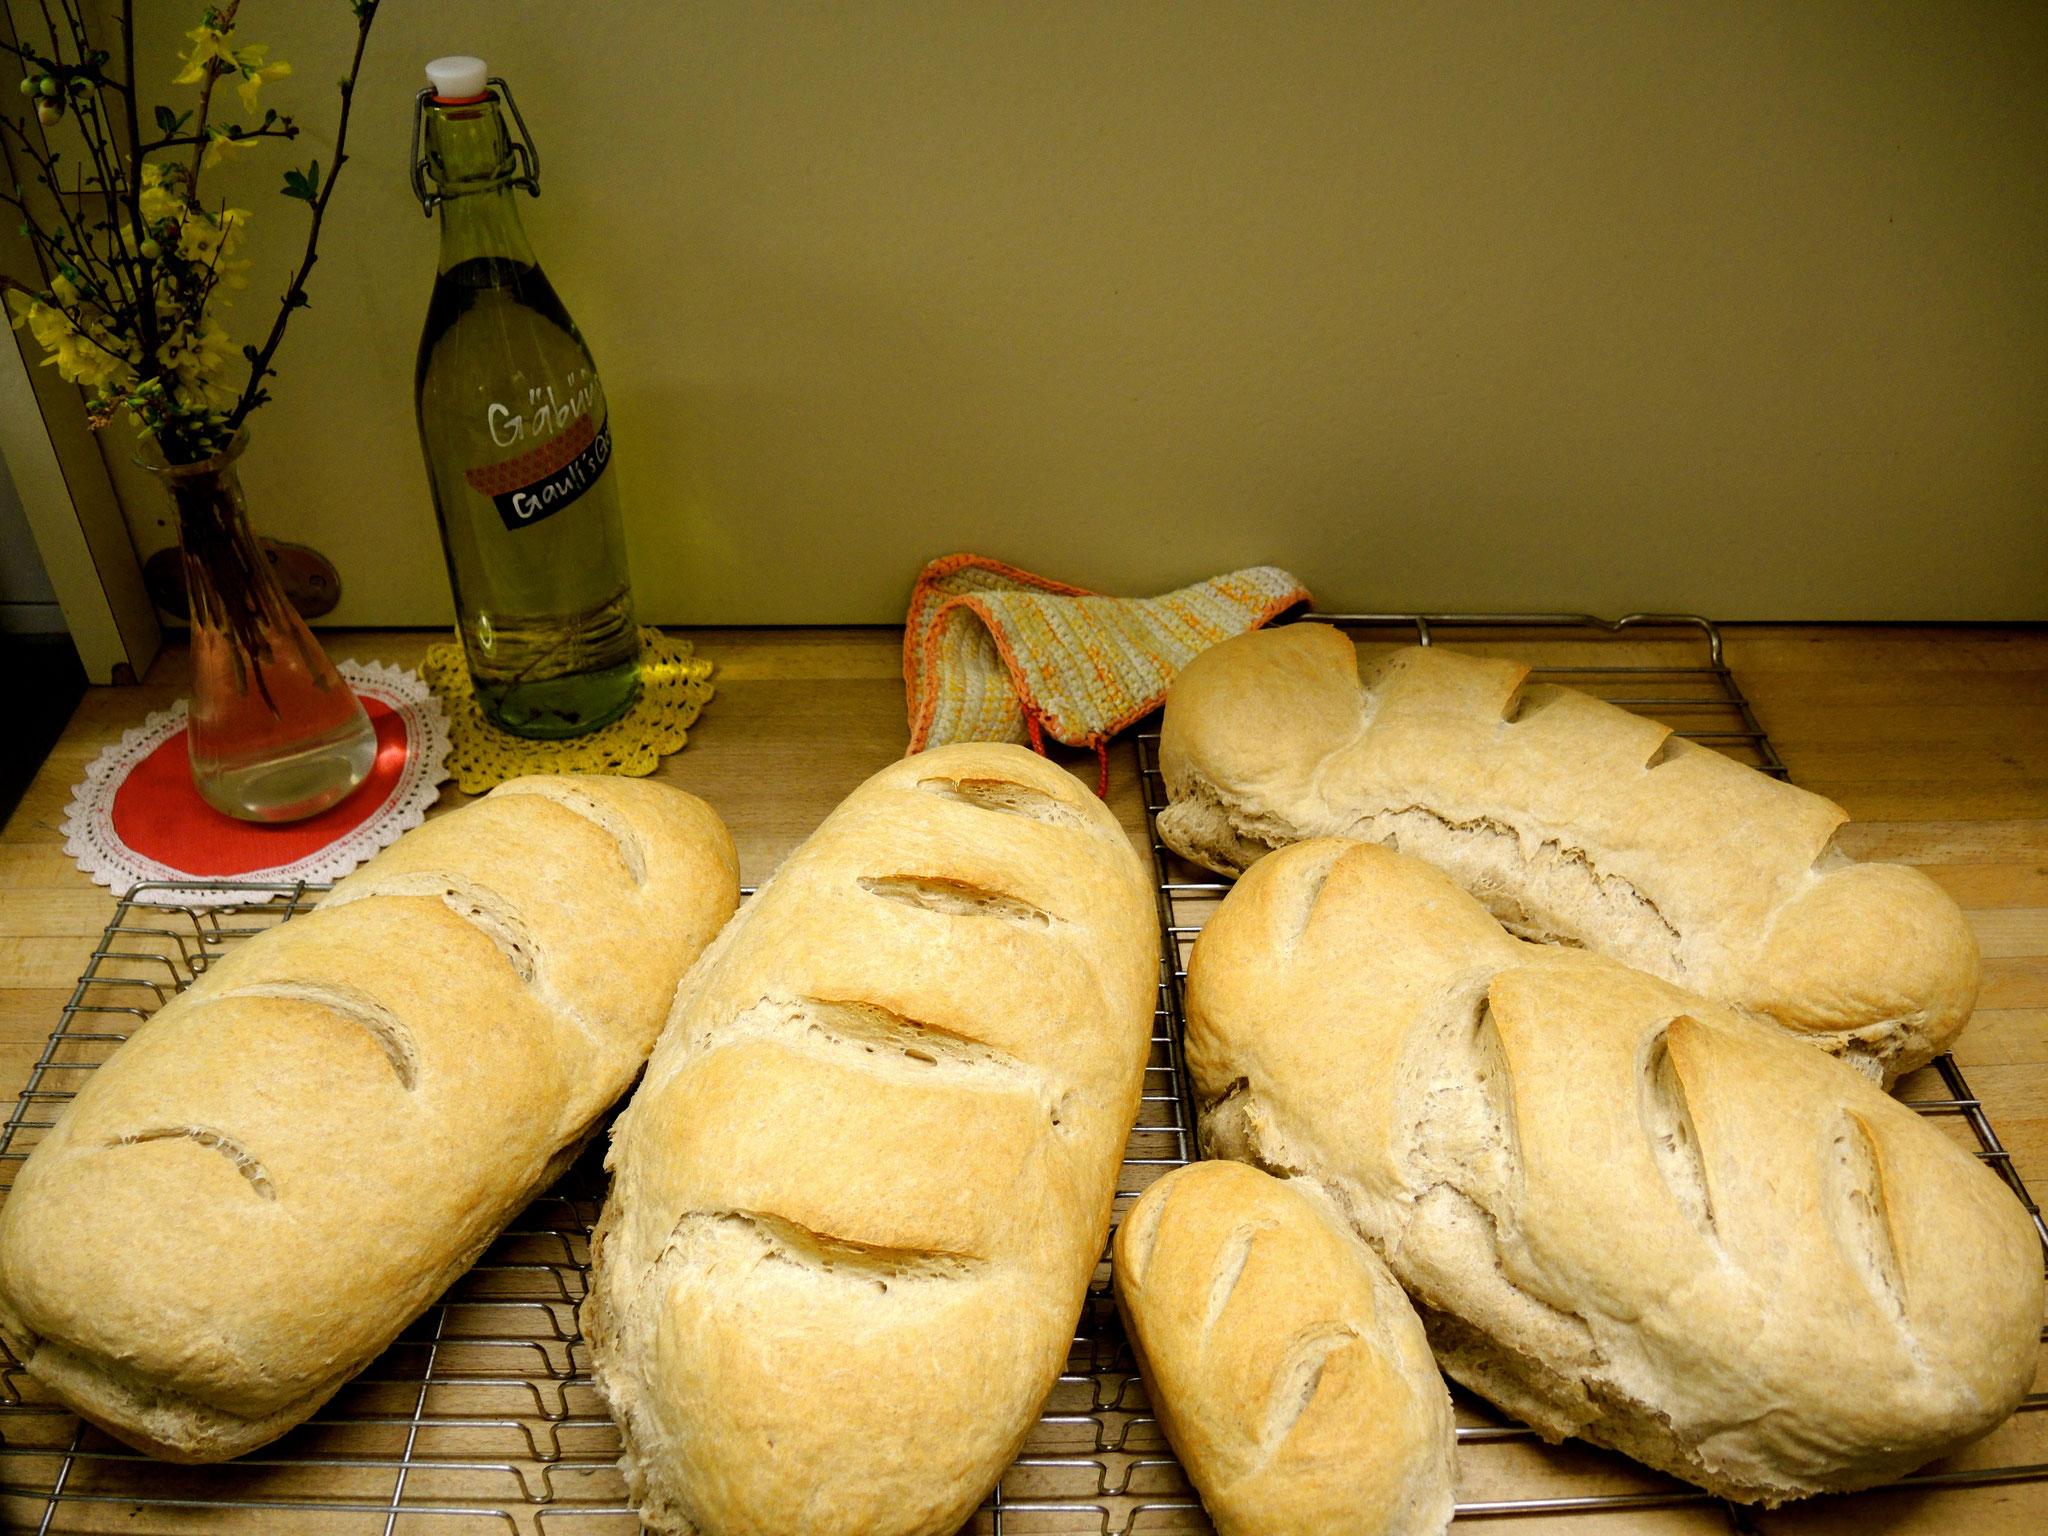 ... 12: frisches Brot wartet auf hungrige Tourengäste